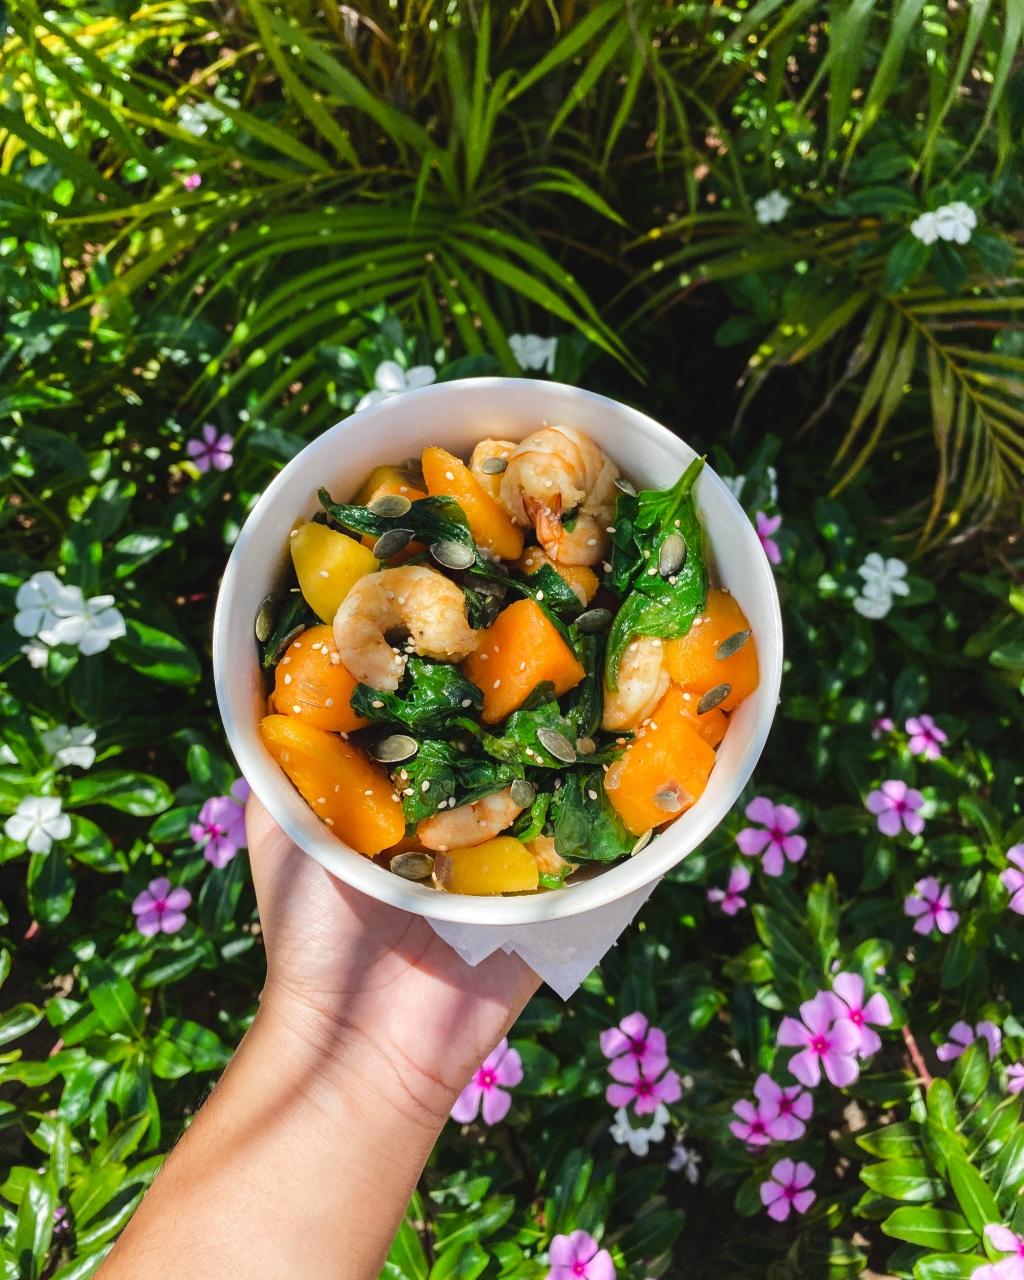 Patates douces - crevettes - épinards